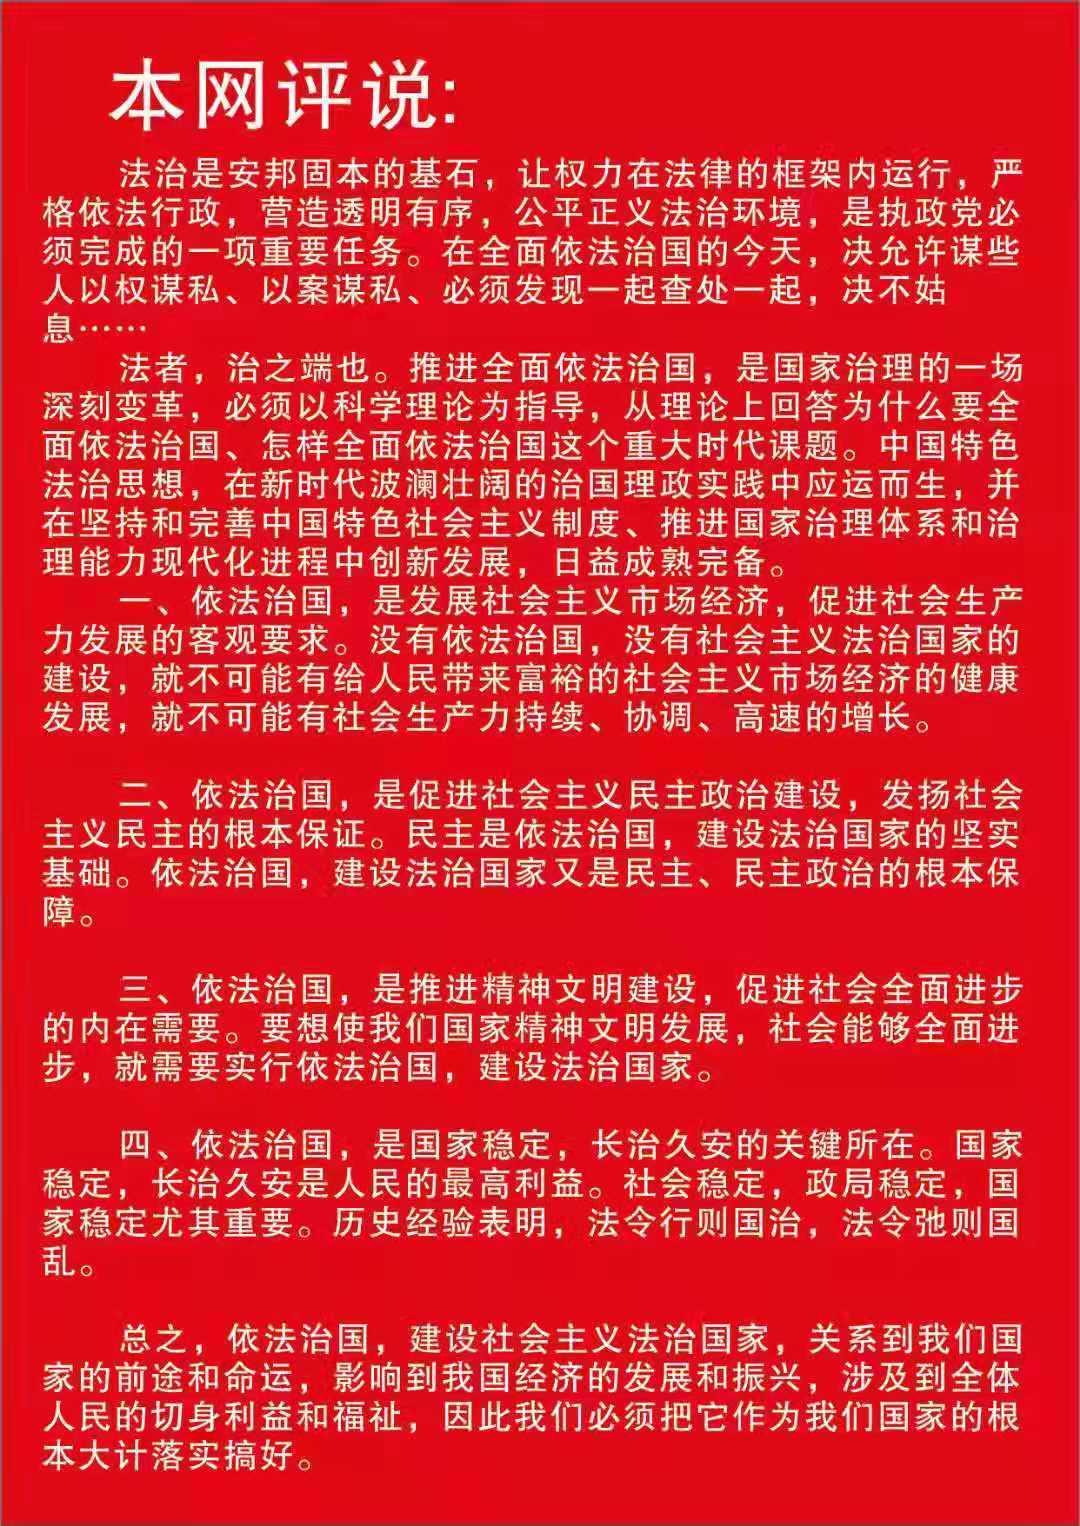 贵州毕节《纳雍要闻》